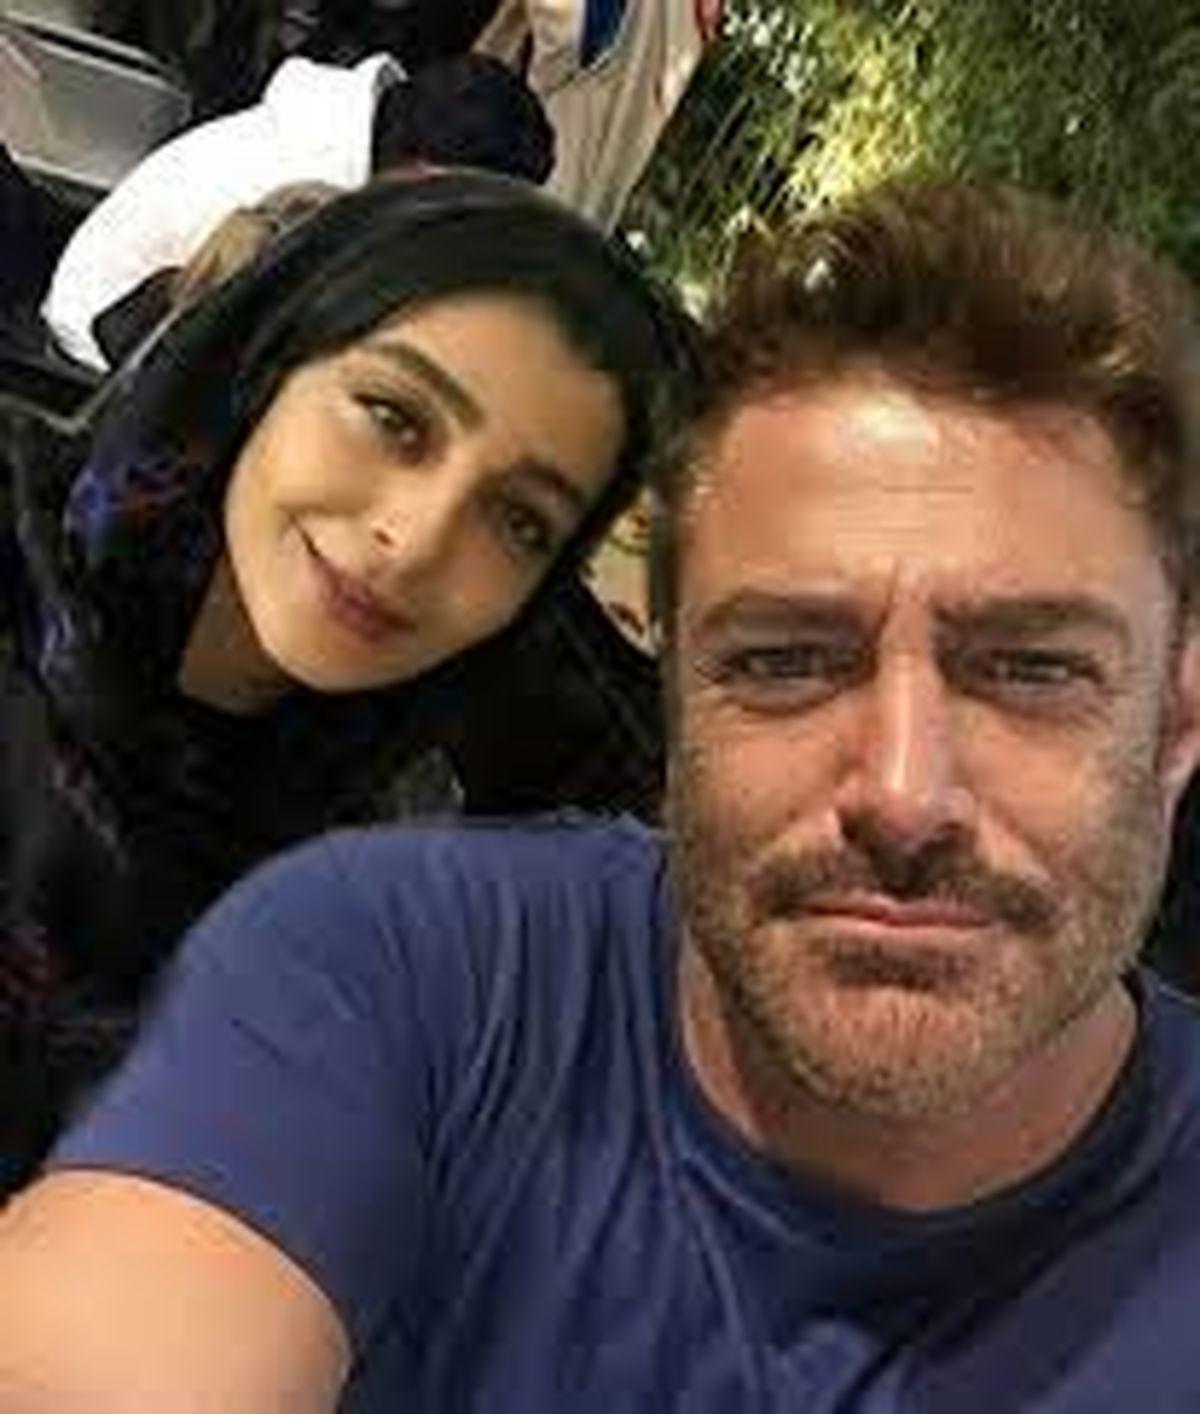 آرایش غلیظ و جذاب ساره بیات + عکس